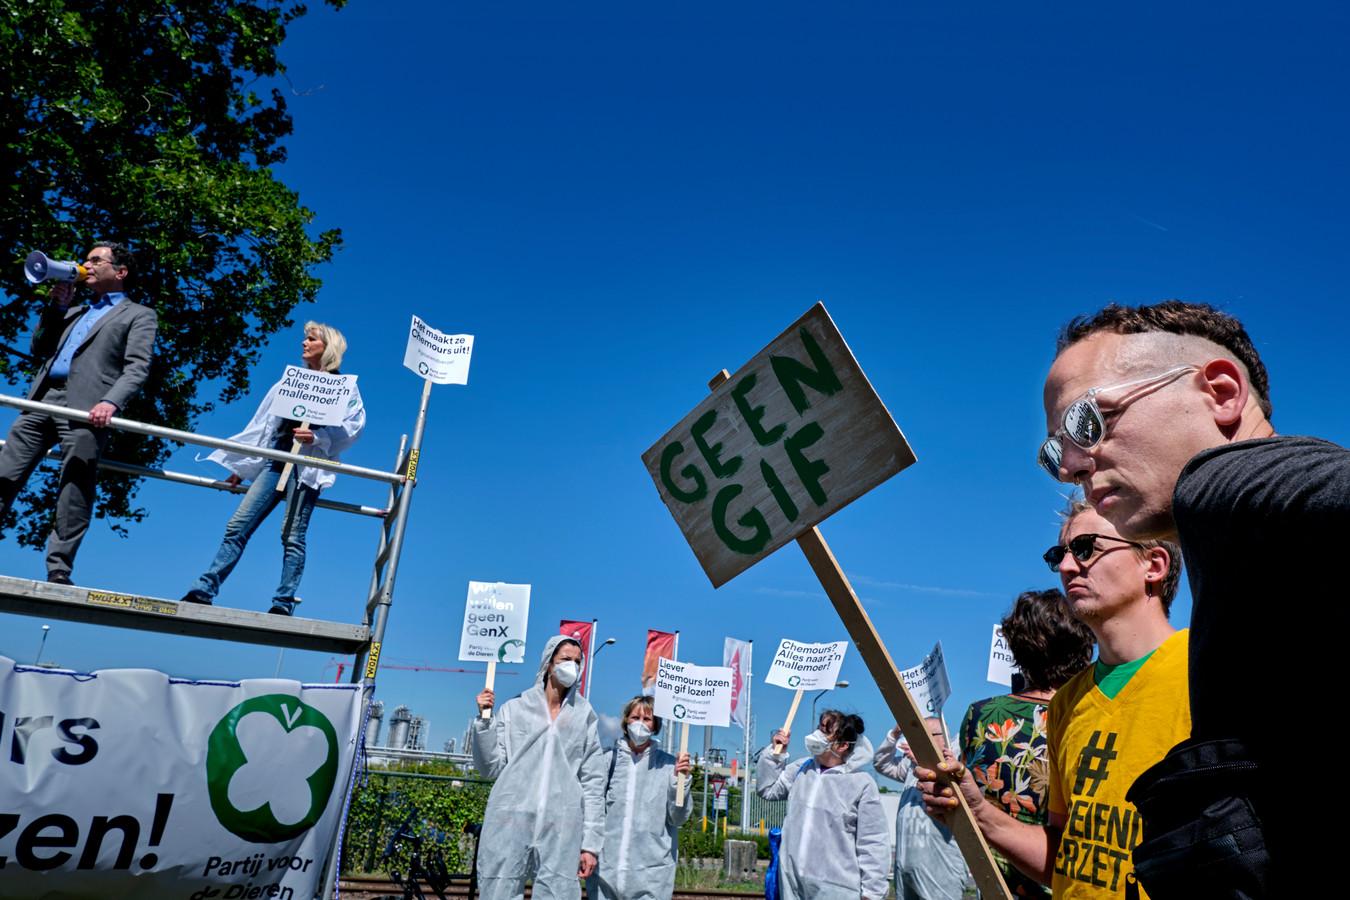 Zo'n vijftig activisten verzamelden zich gisteren aan de poort van het Dordtse chemiebedrijf.